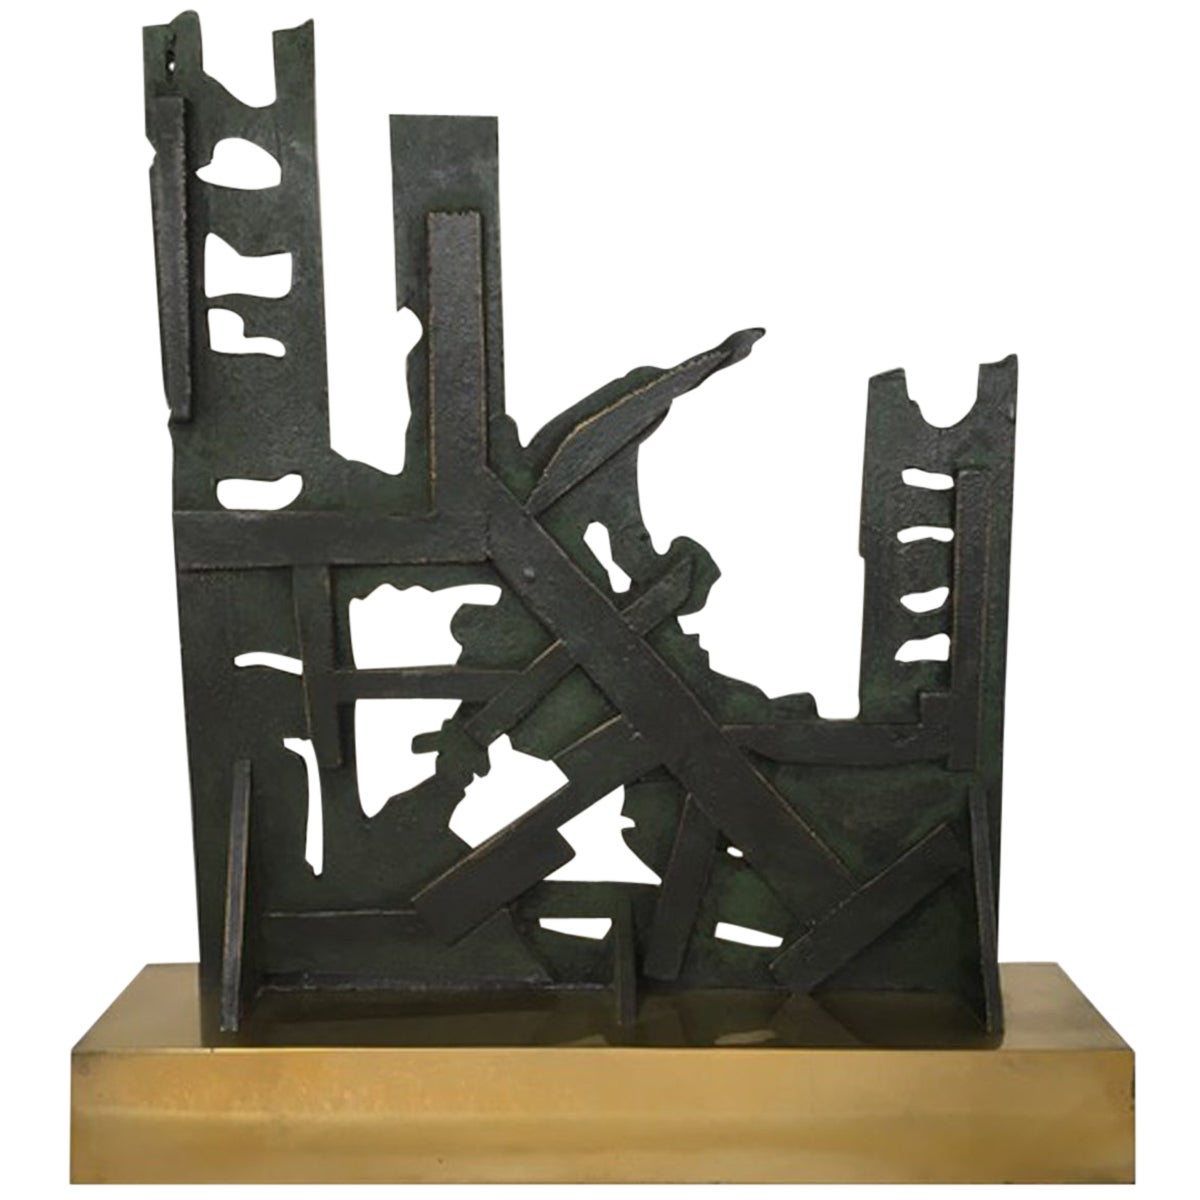 Italy 1980 Abstract Sculpture by Nevio De Luca